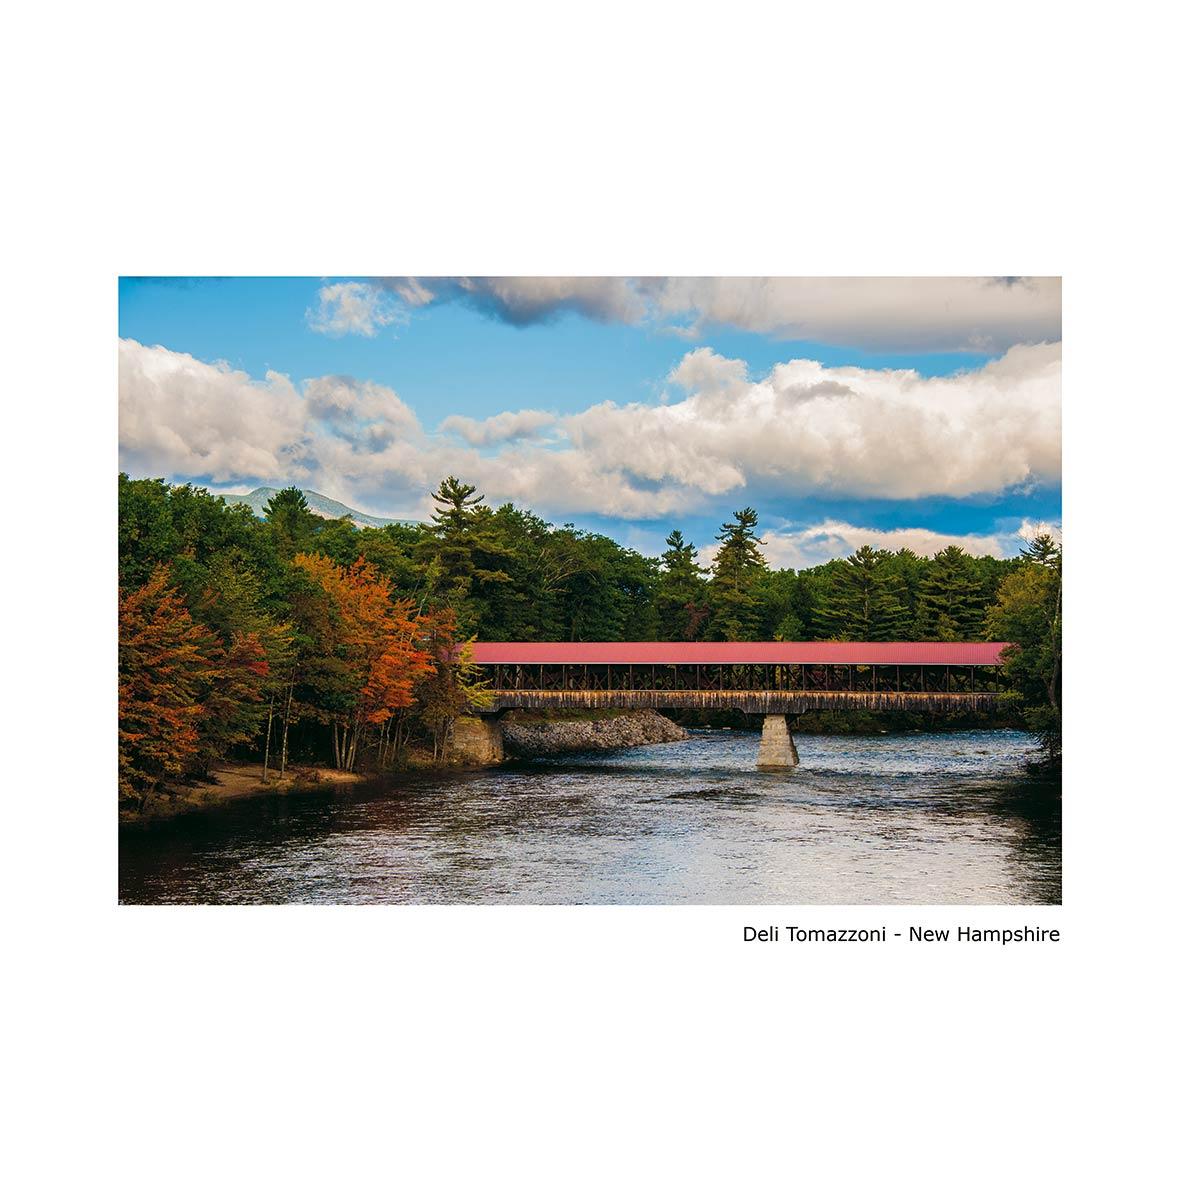 Deli-Tomazzoni---New-Hampshire